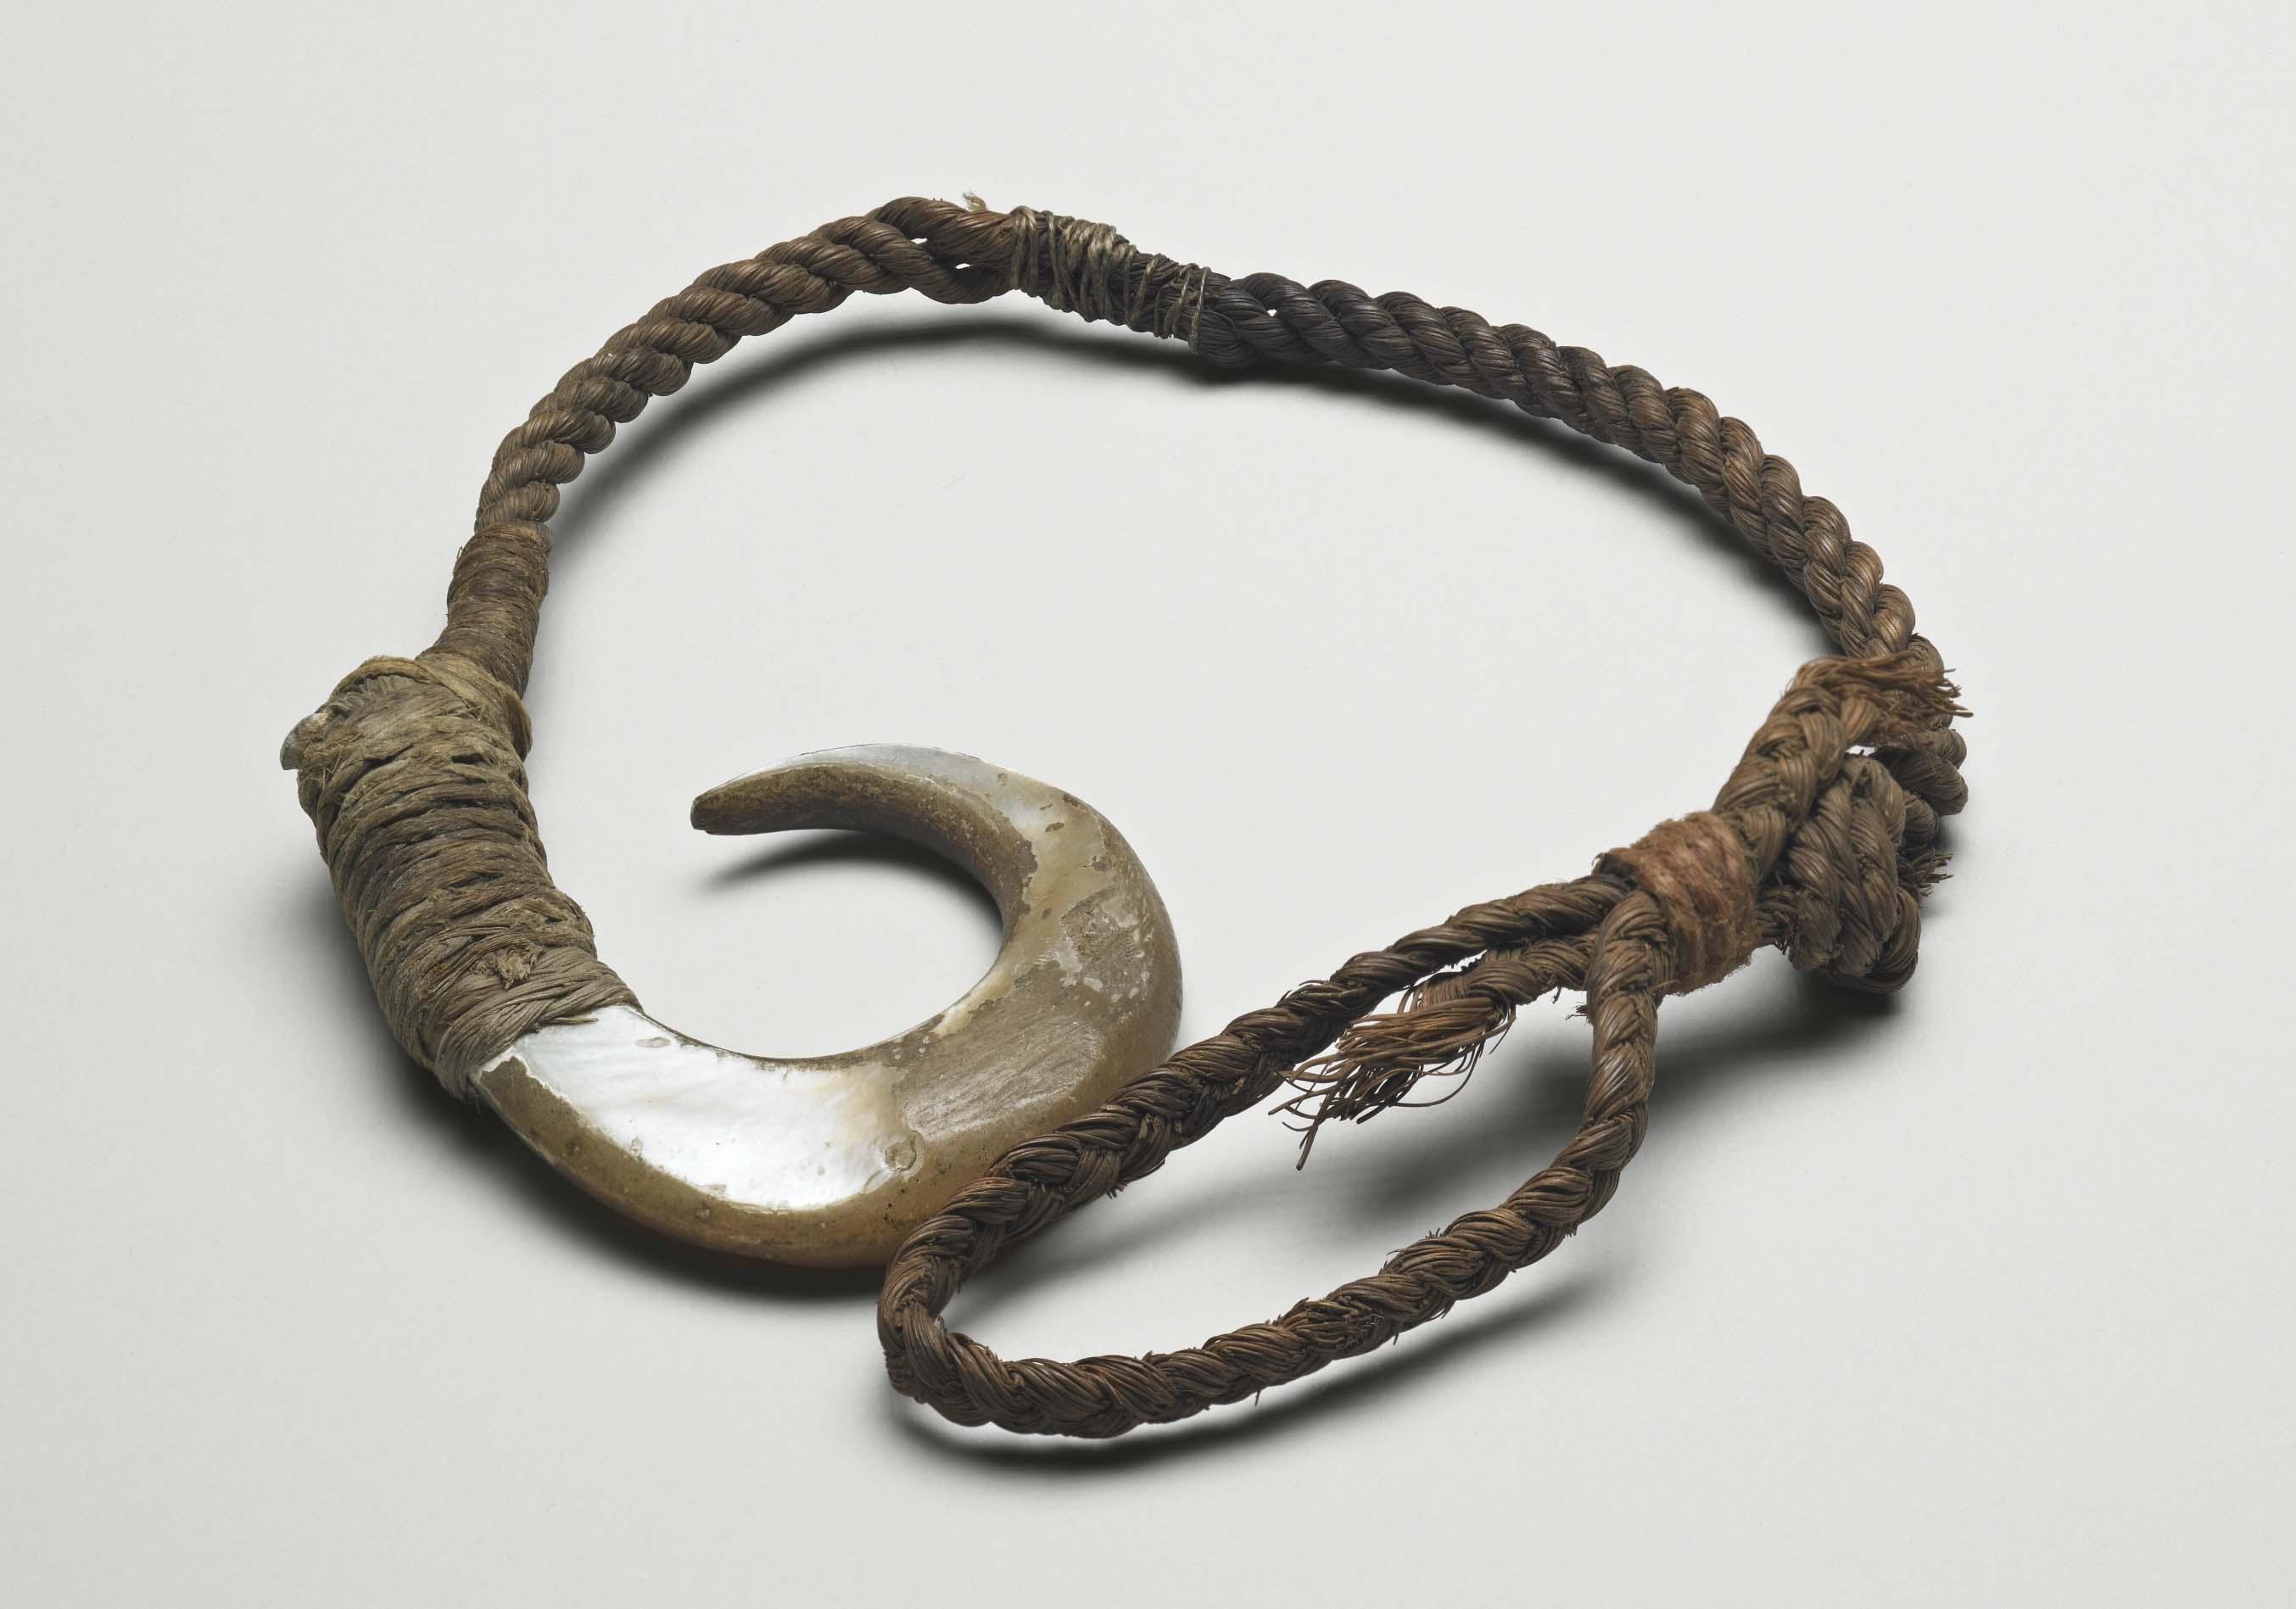 La Préhistoire des autres - Comment l'archéologie et l'anthropologie abordent le passé des sociétés non occidentales